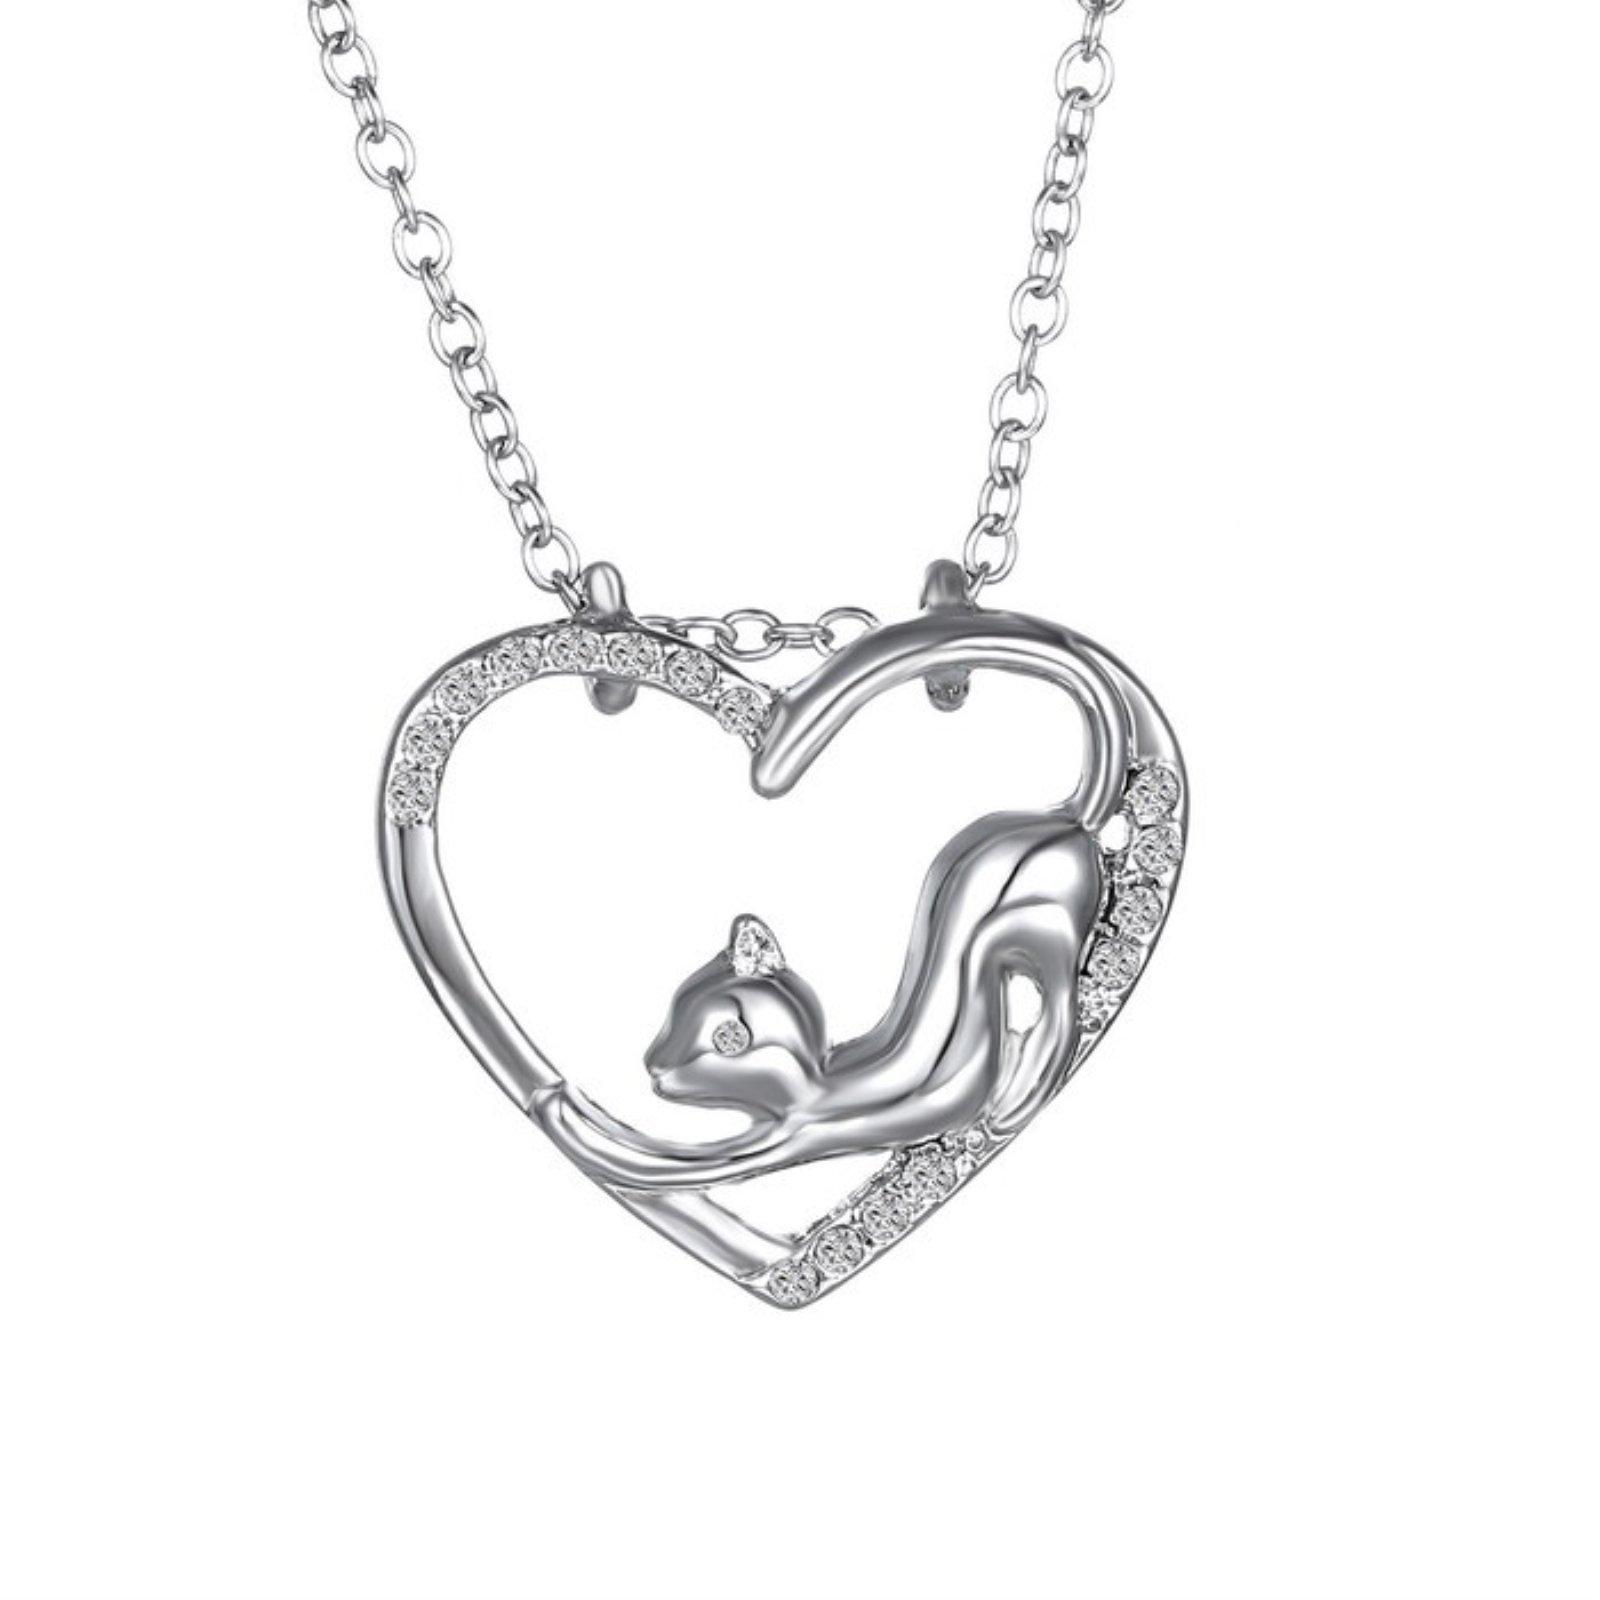 ptk12 wholesale Fashion cute animal Vintage Antique Silver Plated Pendants Choker Necklaces Bijoux